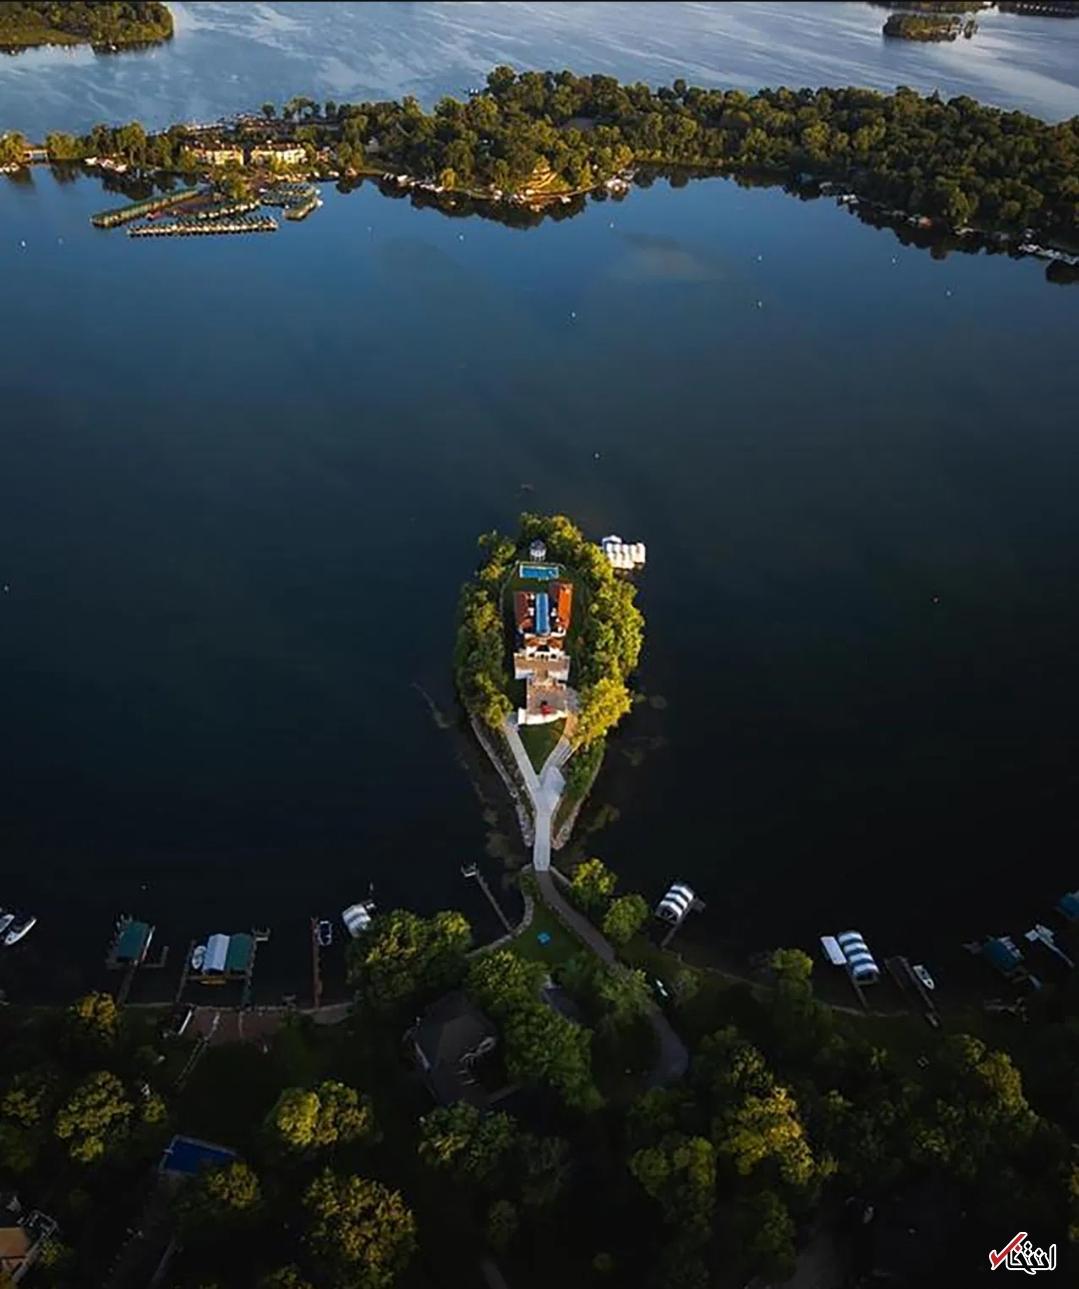 جزیره خصوصی15 میلیون دلاری با امکانات ویژه+تصاویر